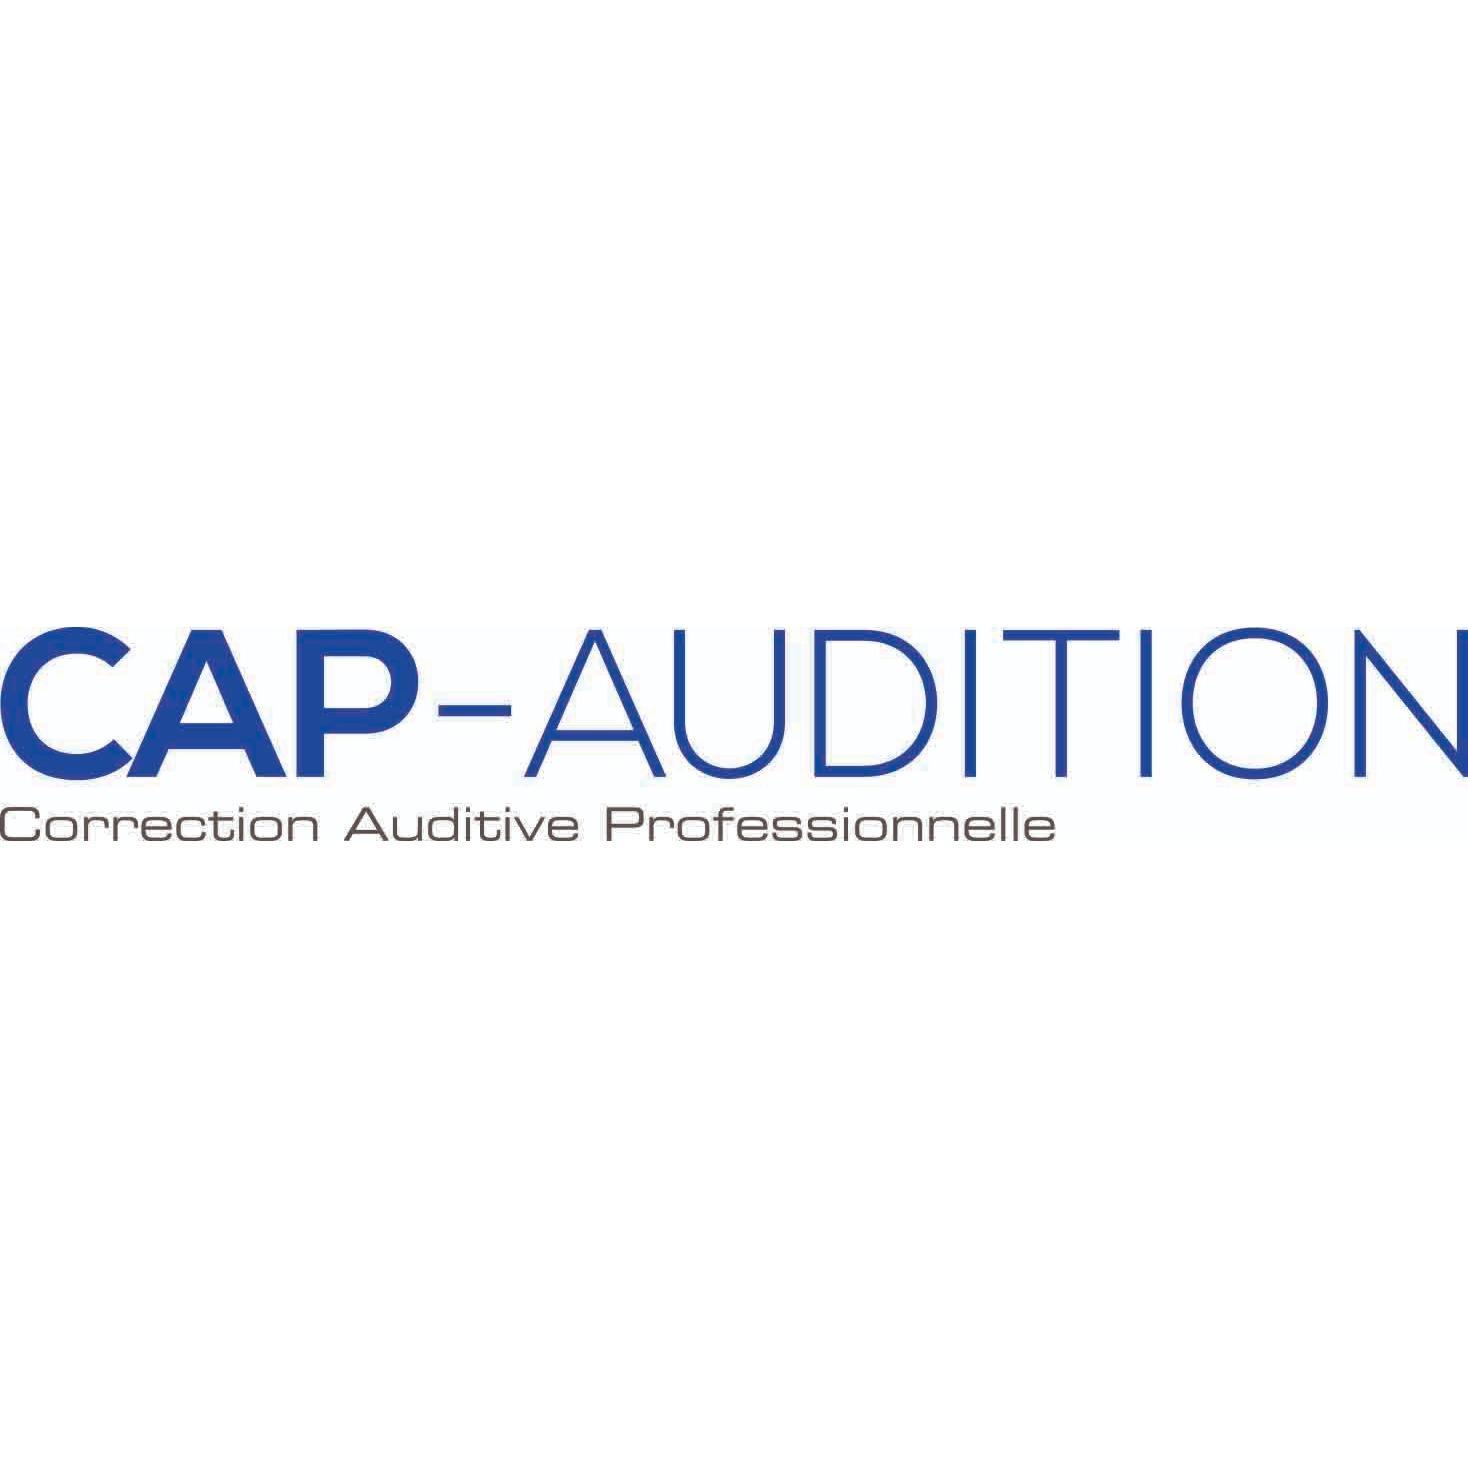 CAP-AUDITION